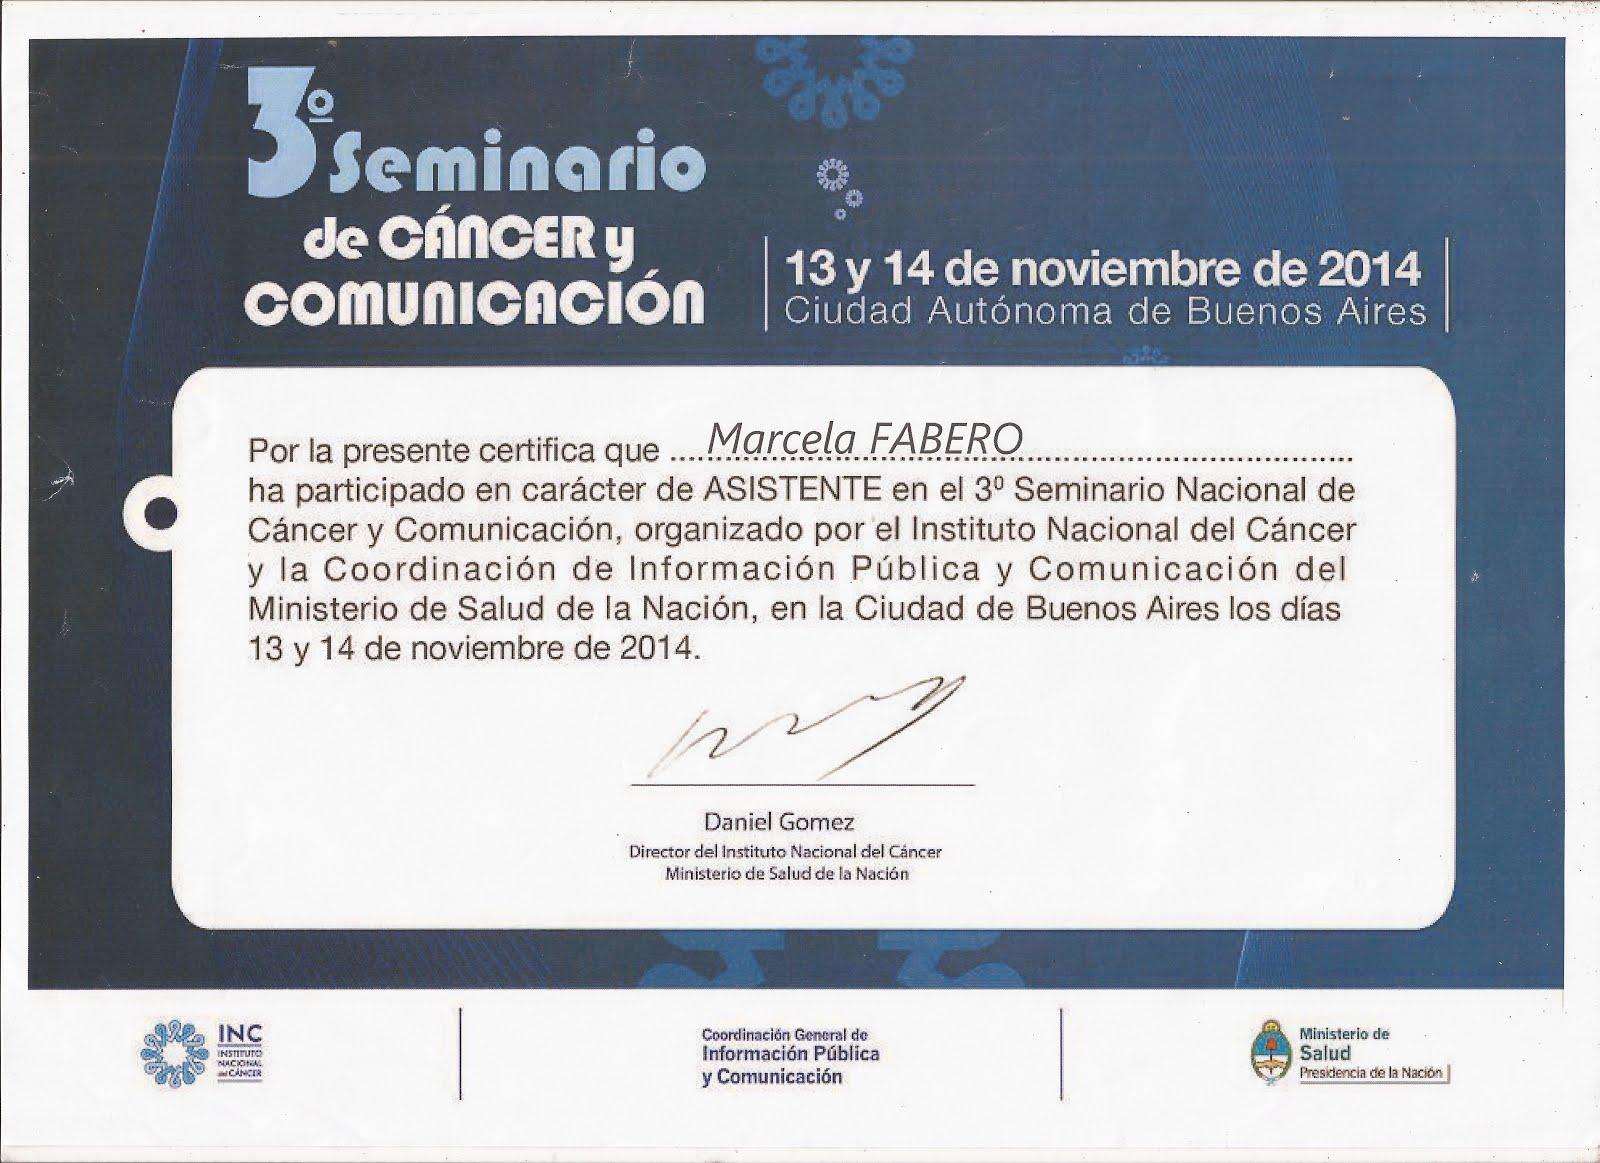 3° SEMINARIO DE CANCER Y COMUNICACION